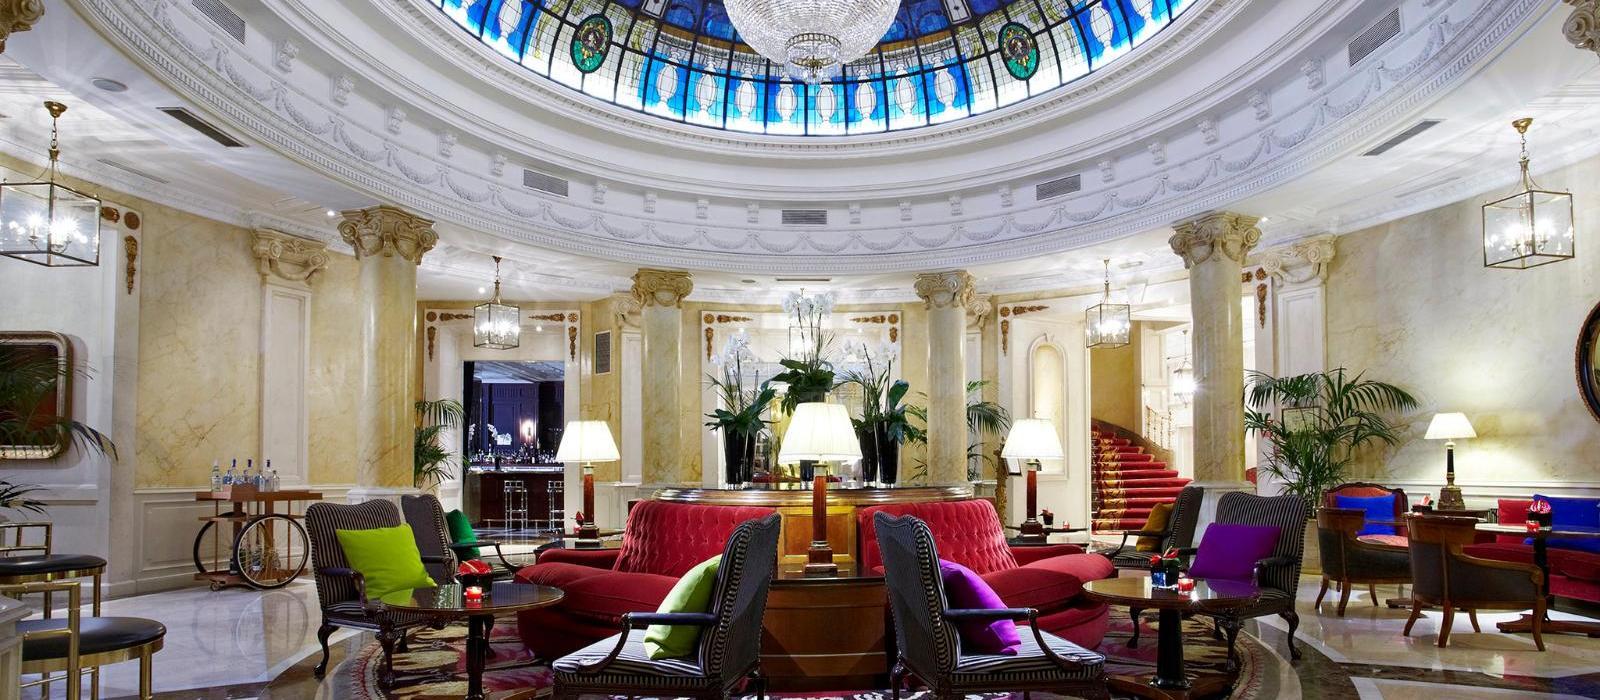 美利亚菲尼克斯大酒店(Hotel Fenix, a Gran Melia Hotel) 大堂吧图片  www.lhw.cn